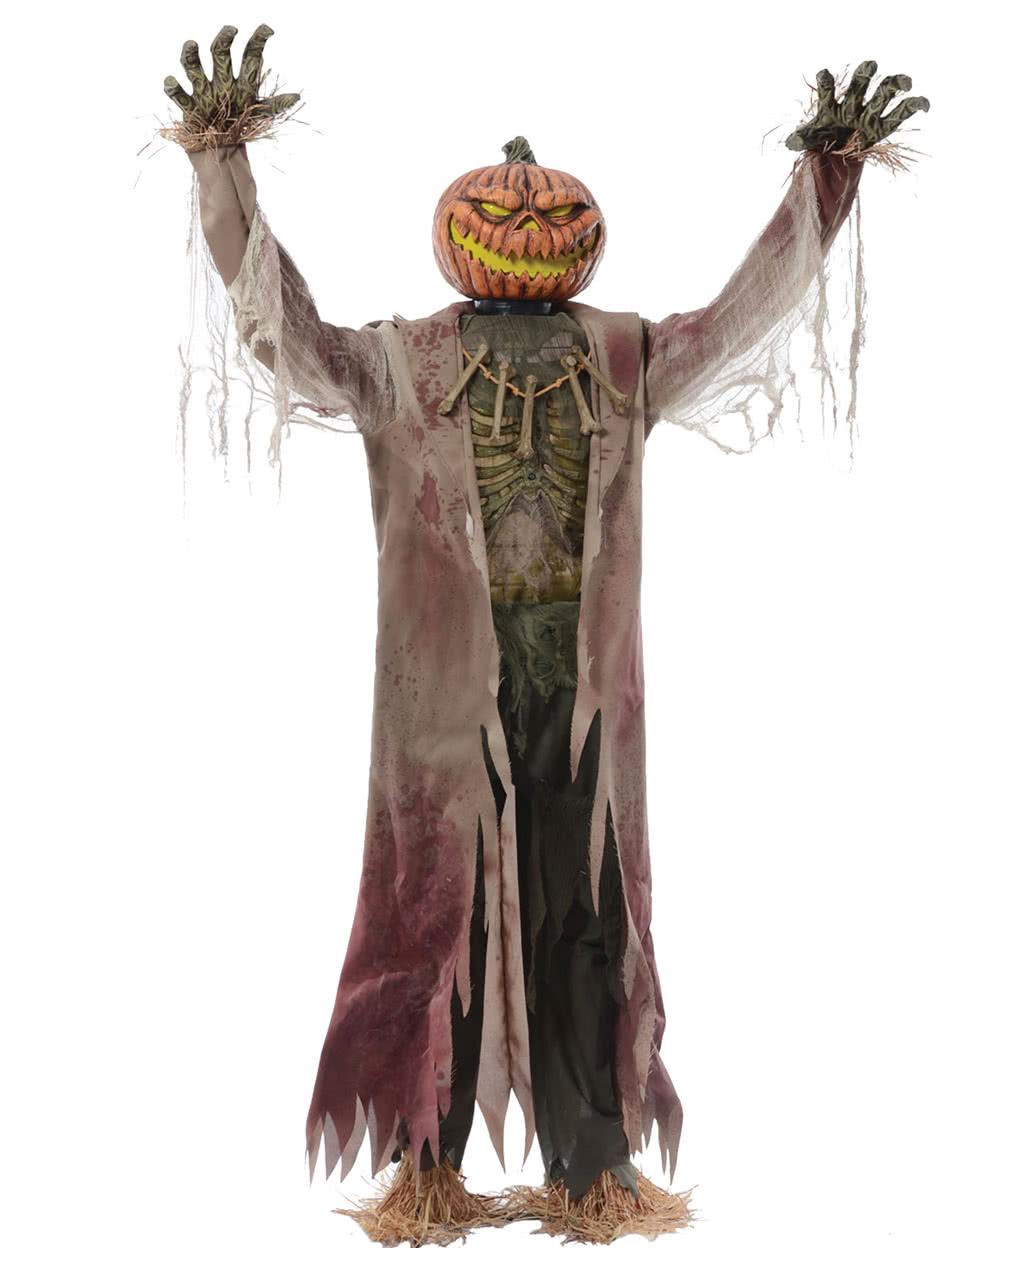 Kürbis Vogelscheuche Halloween Animatronic Kaufen Horror Shopcom